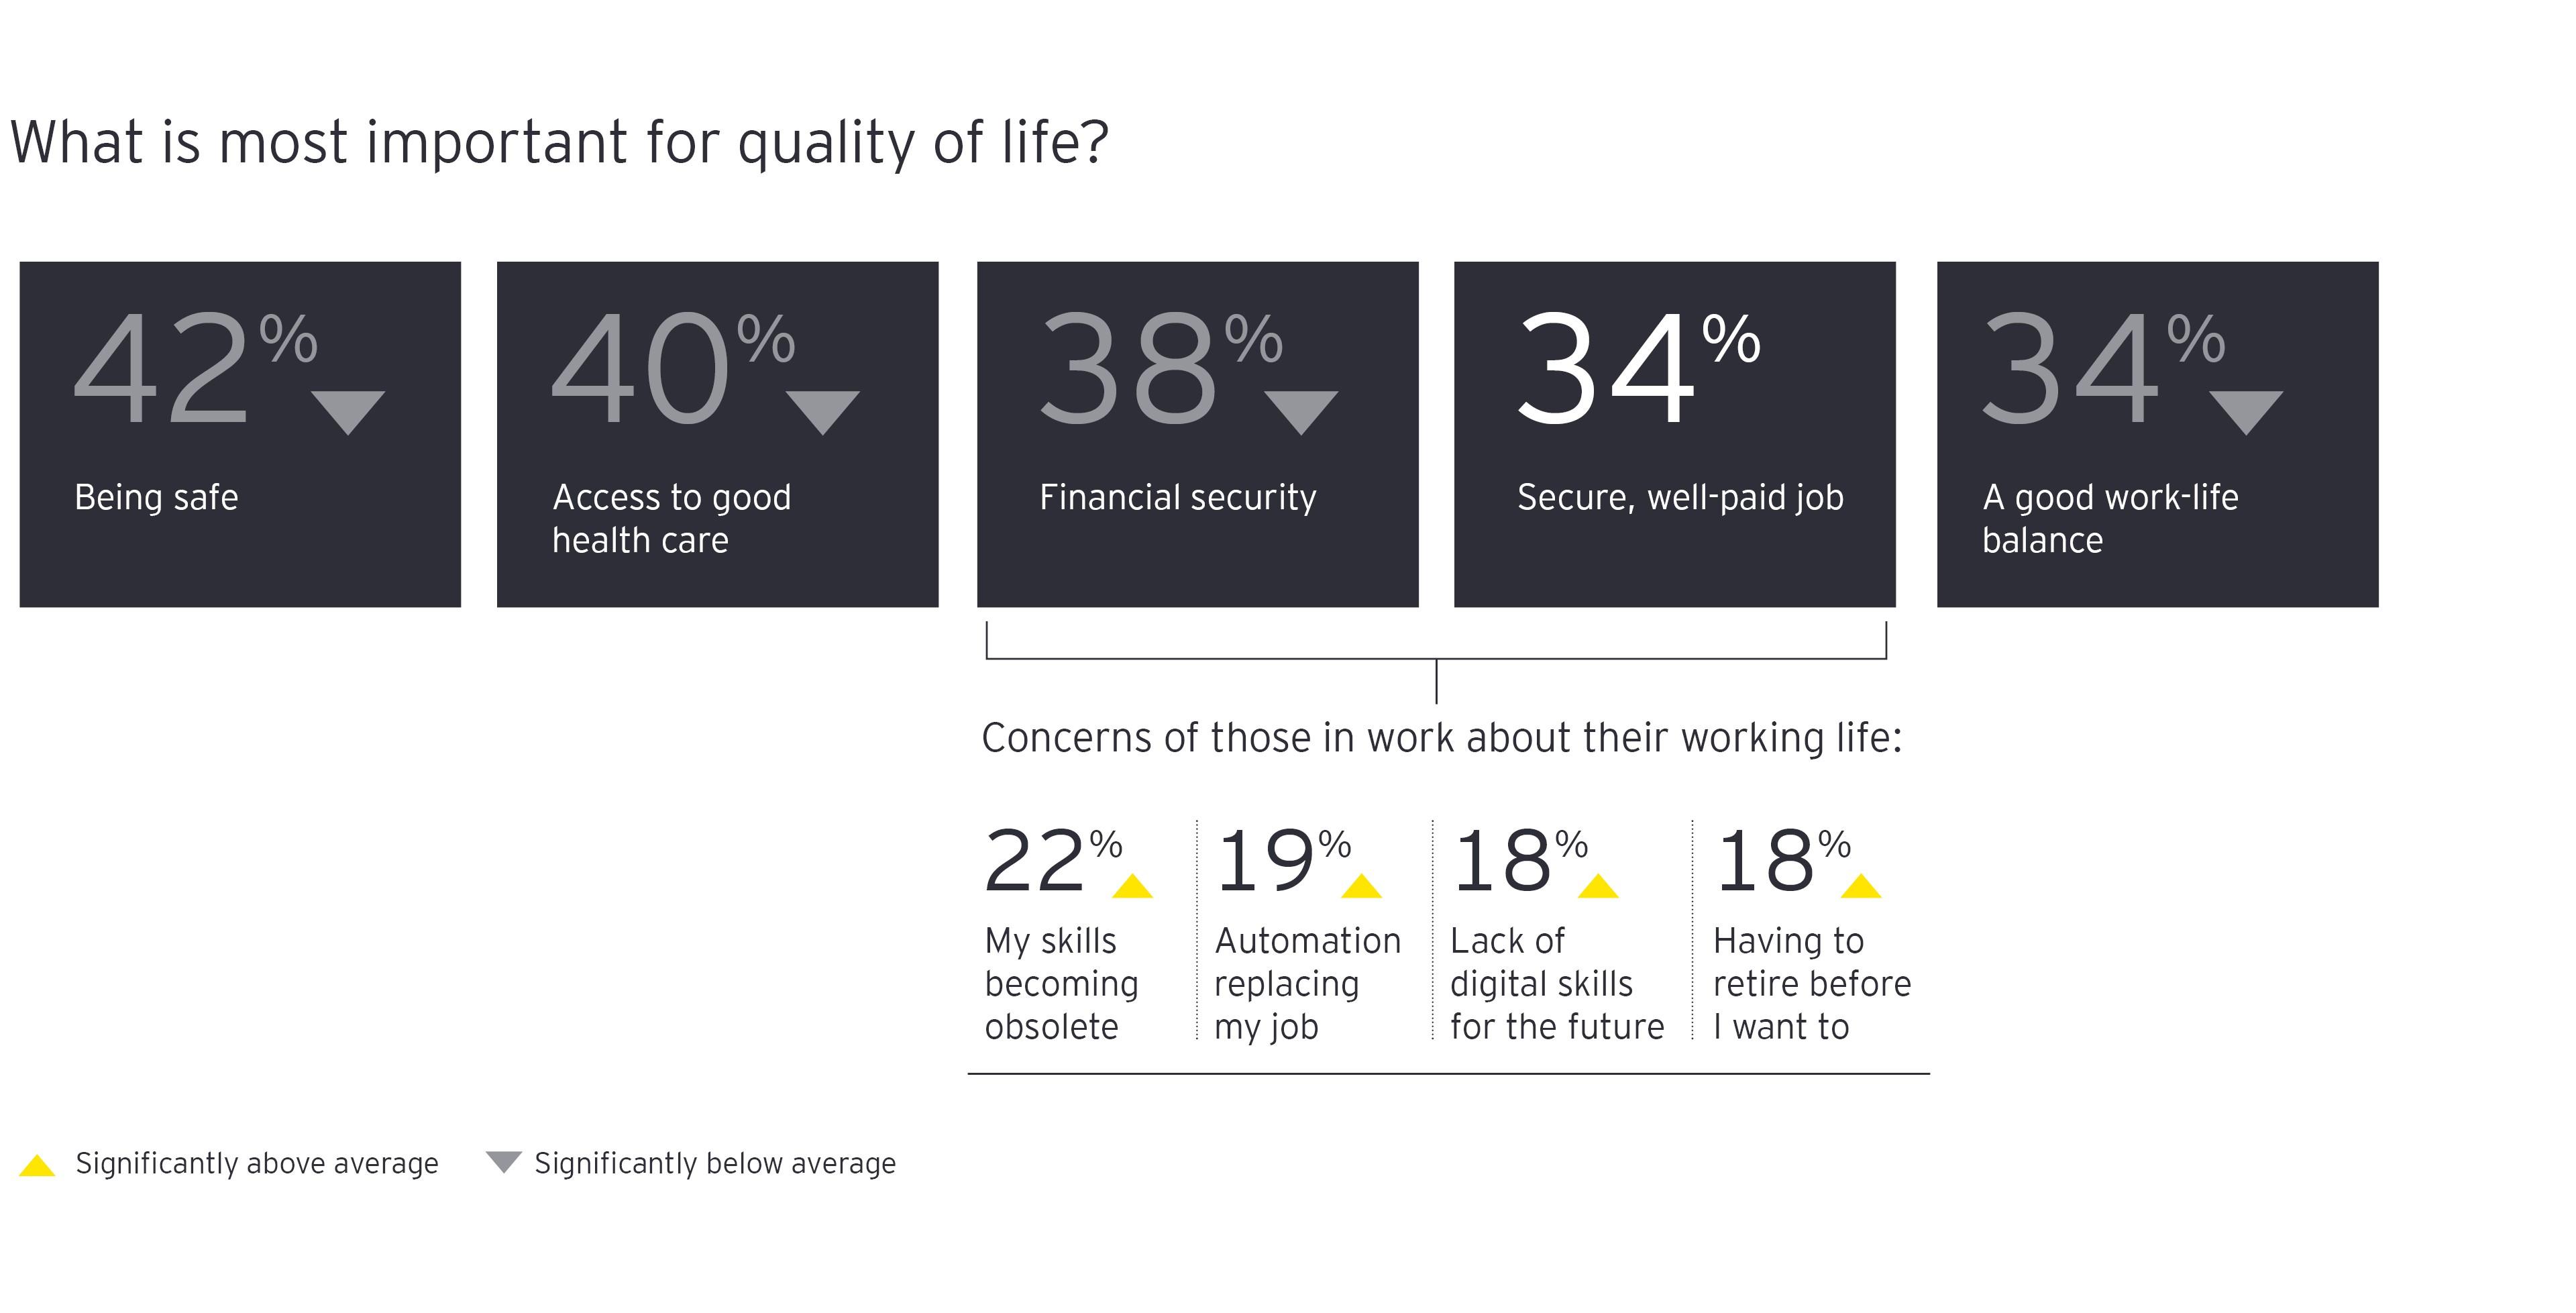 Qué es lo más importante para la calidad de vida gráfico